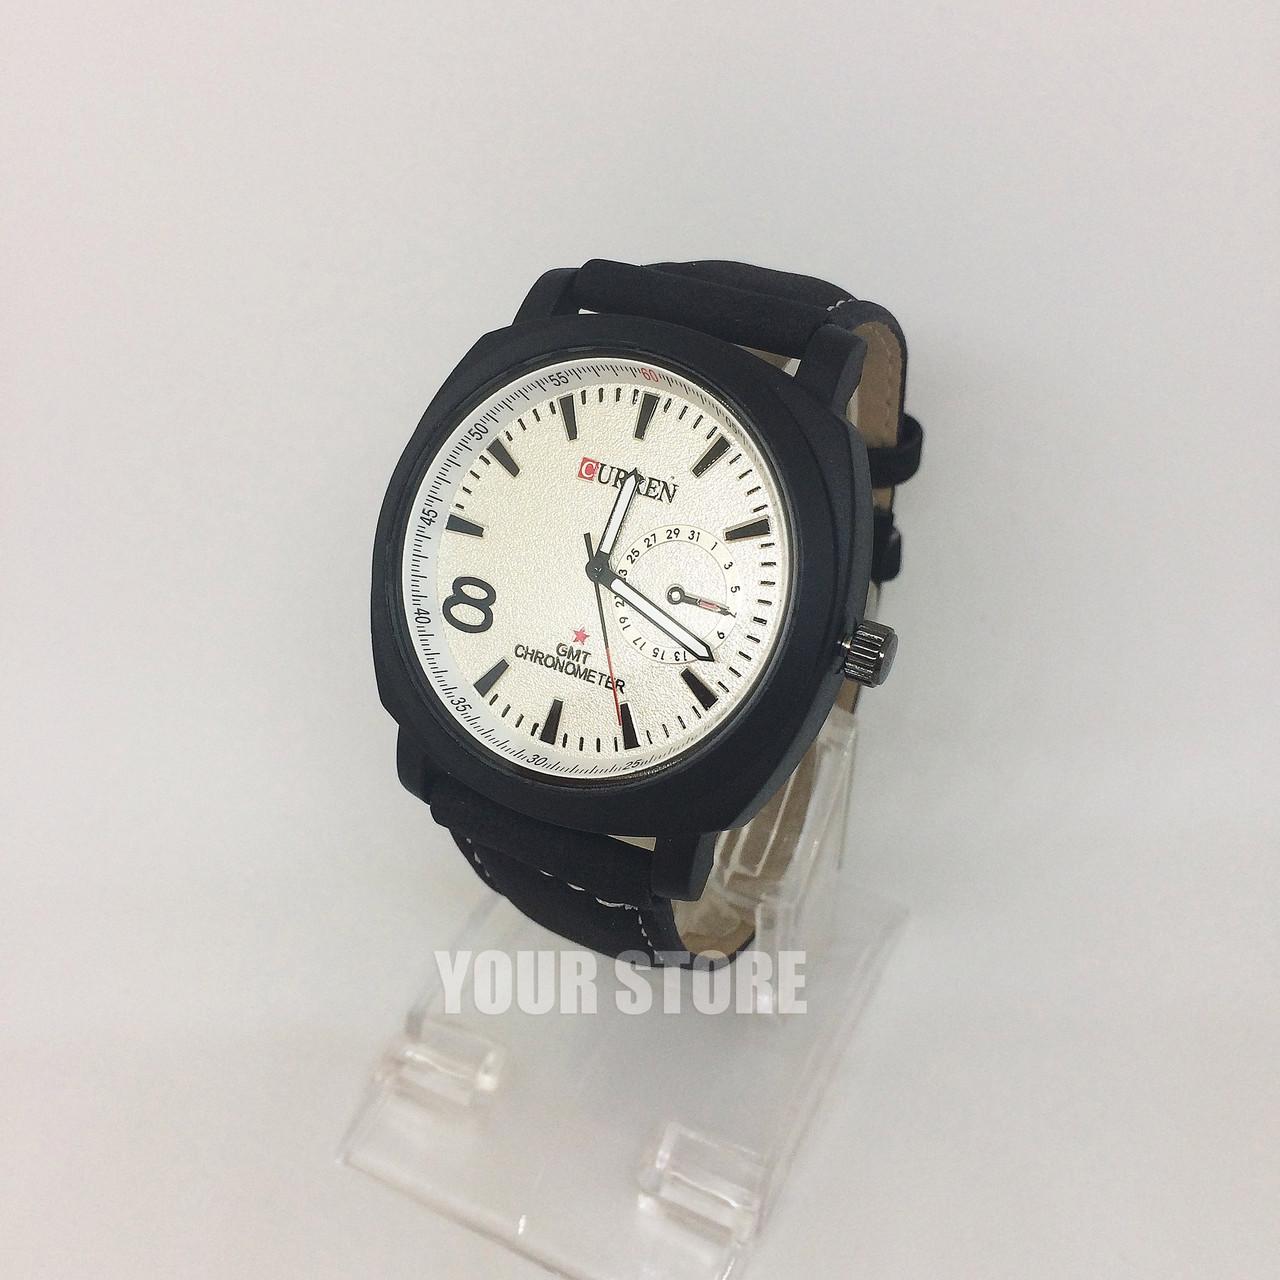 Мужские наручные часы Curren белый циферблат